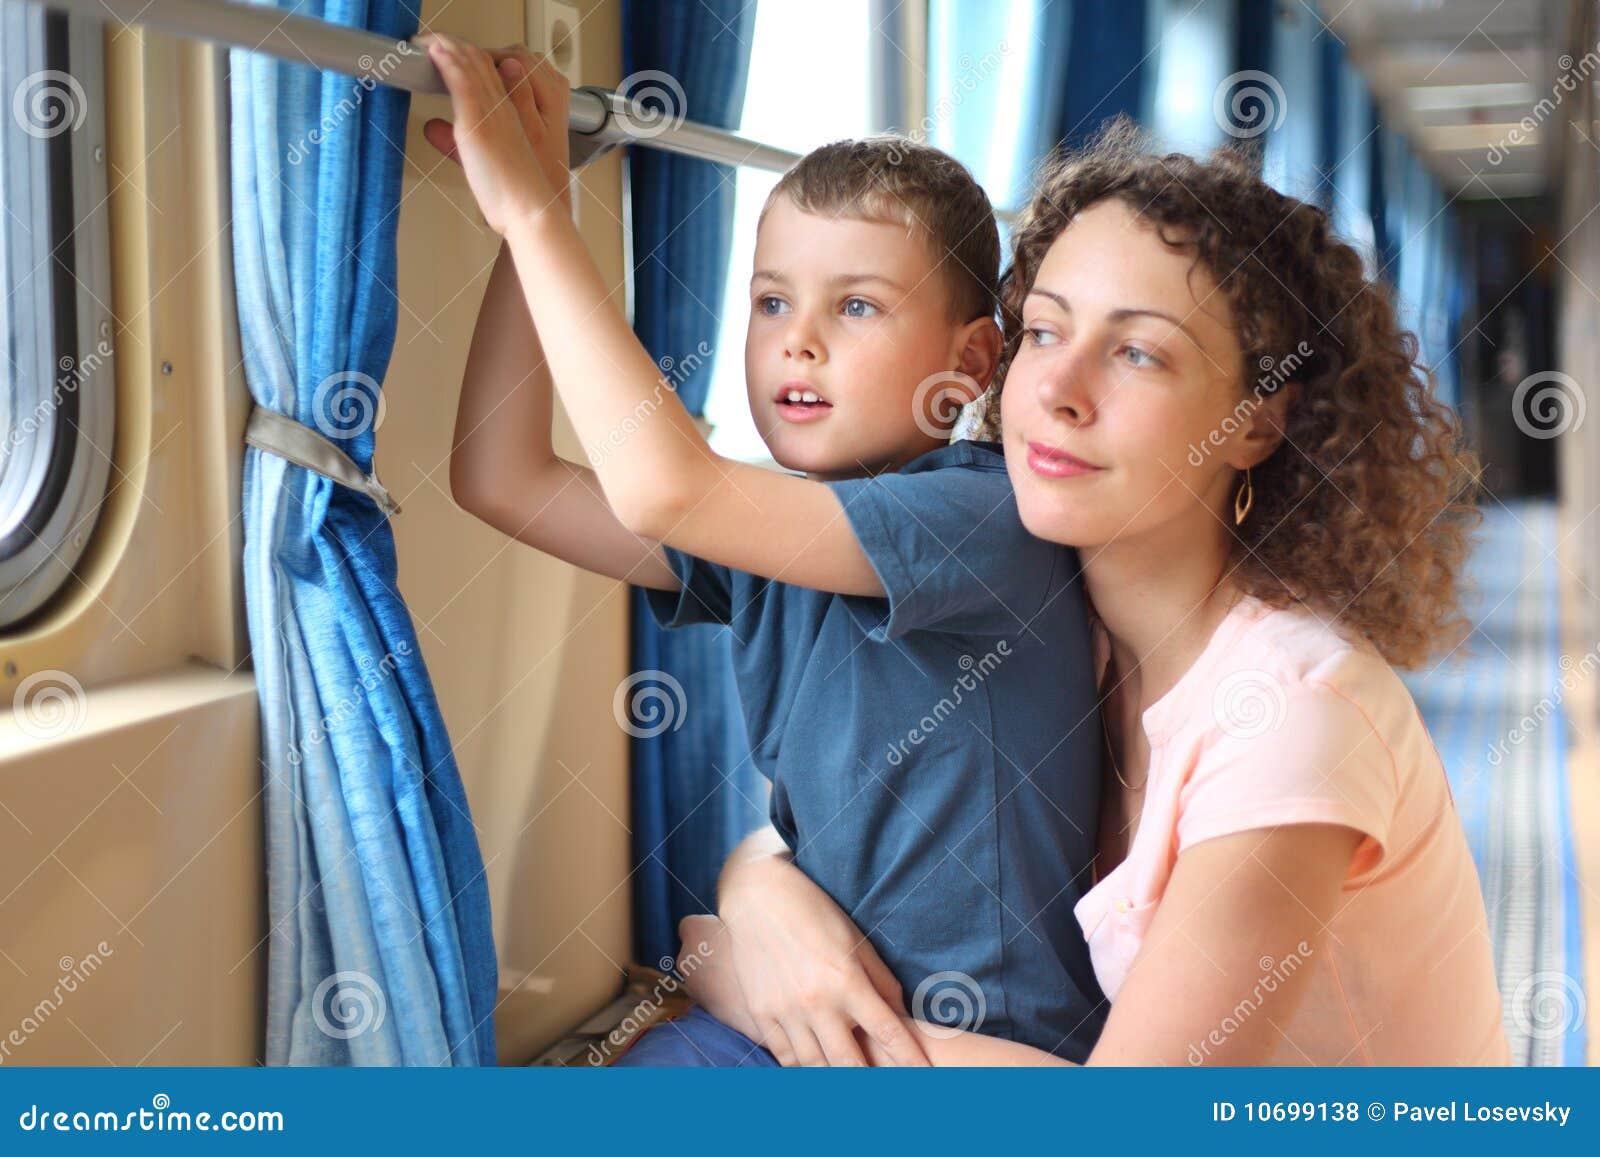 Снятое в поезде смотреть 9 фотография